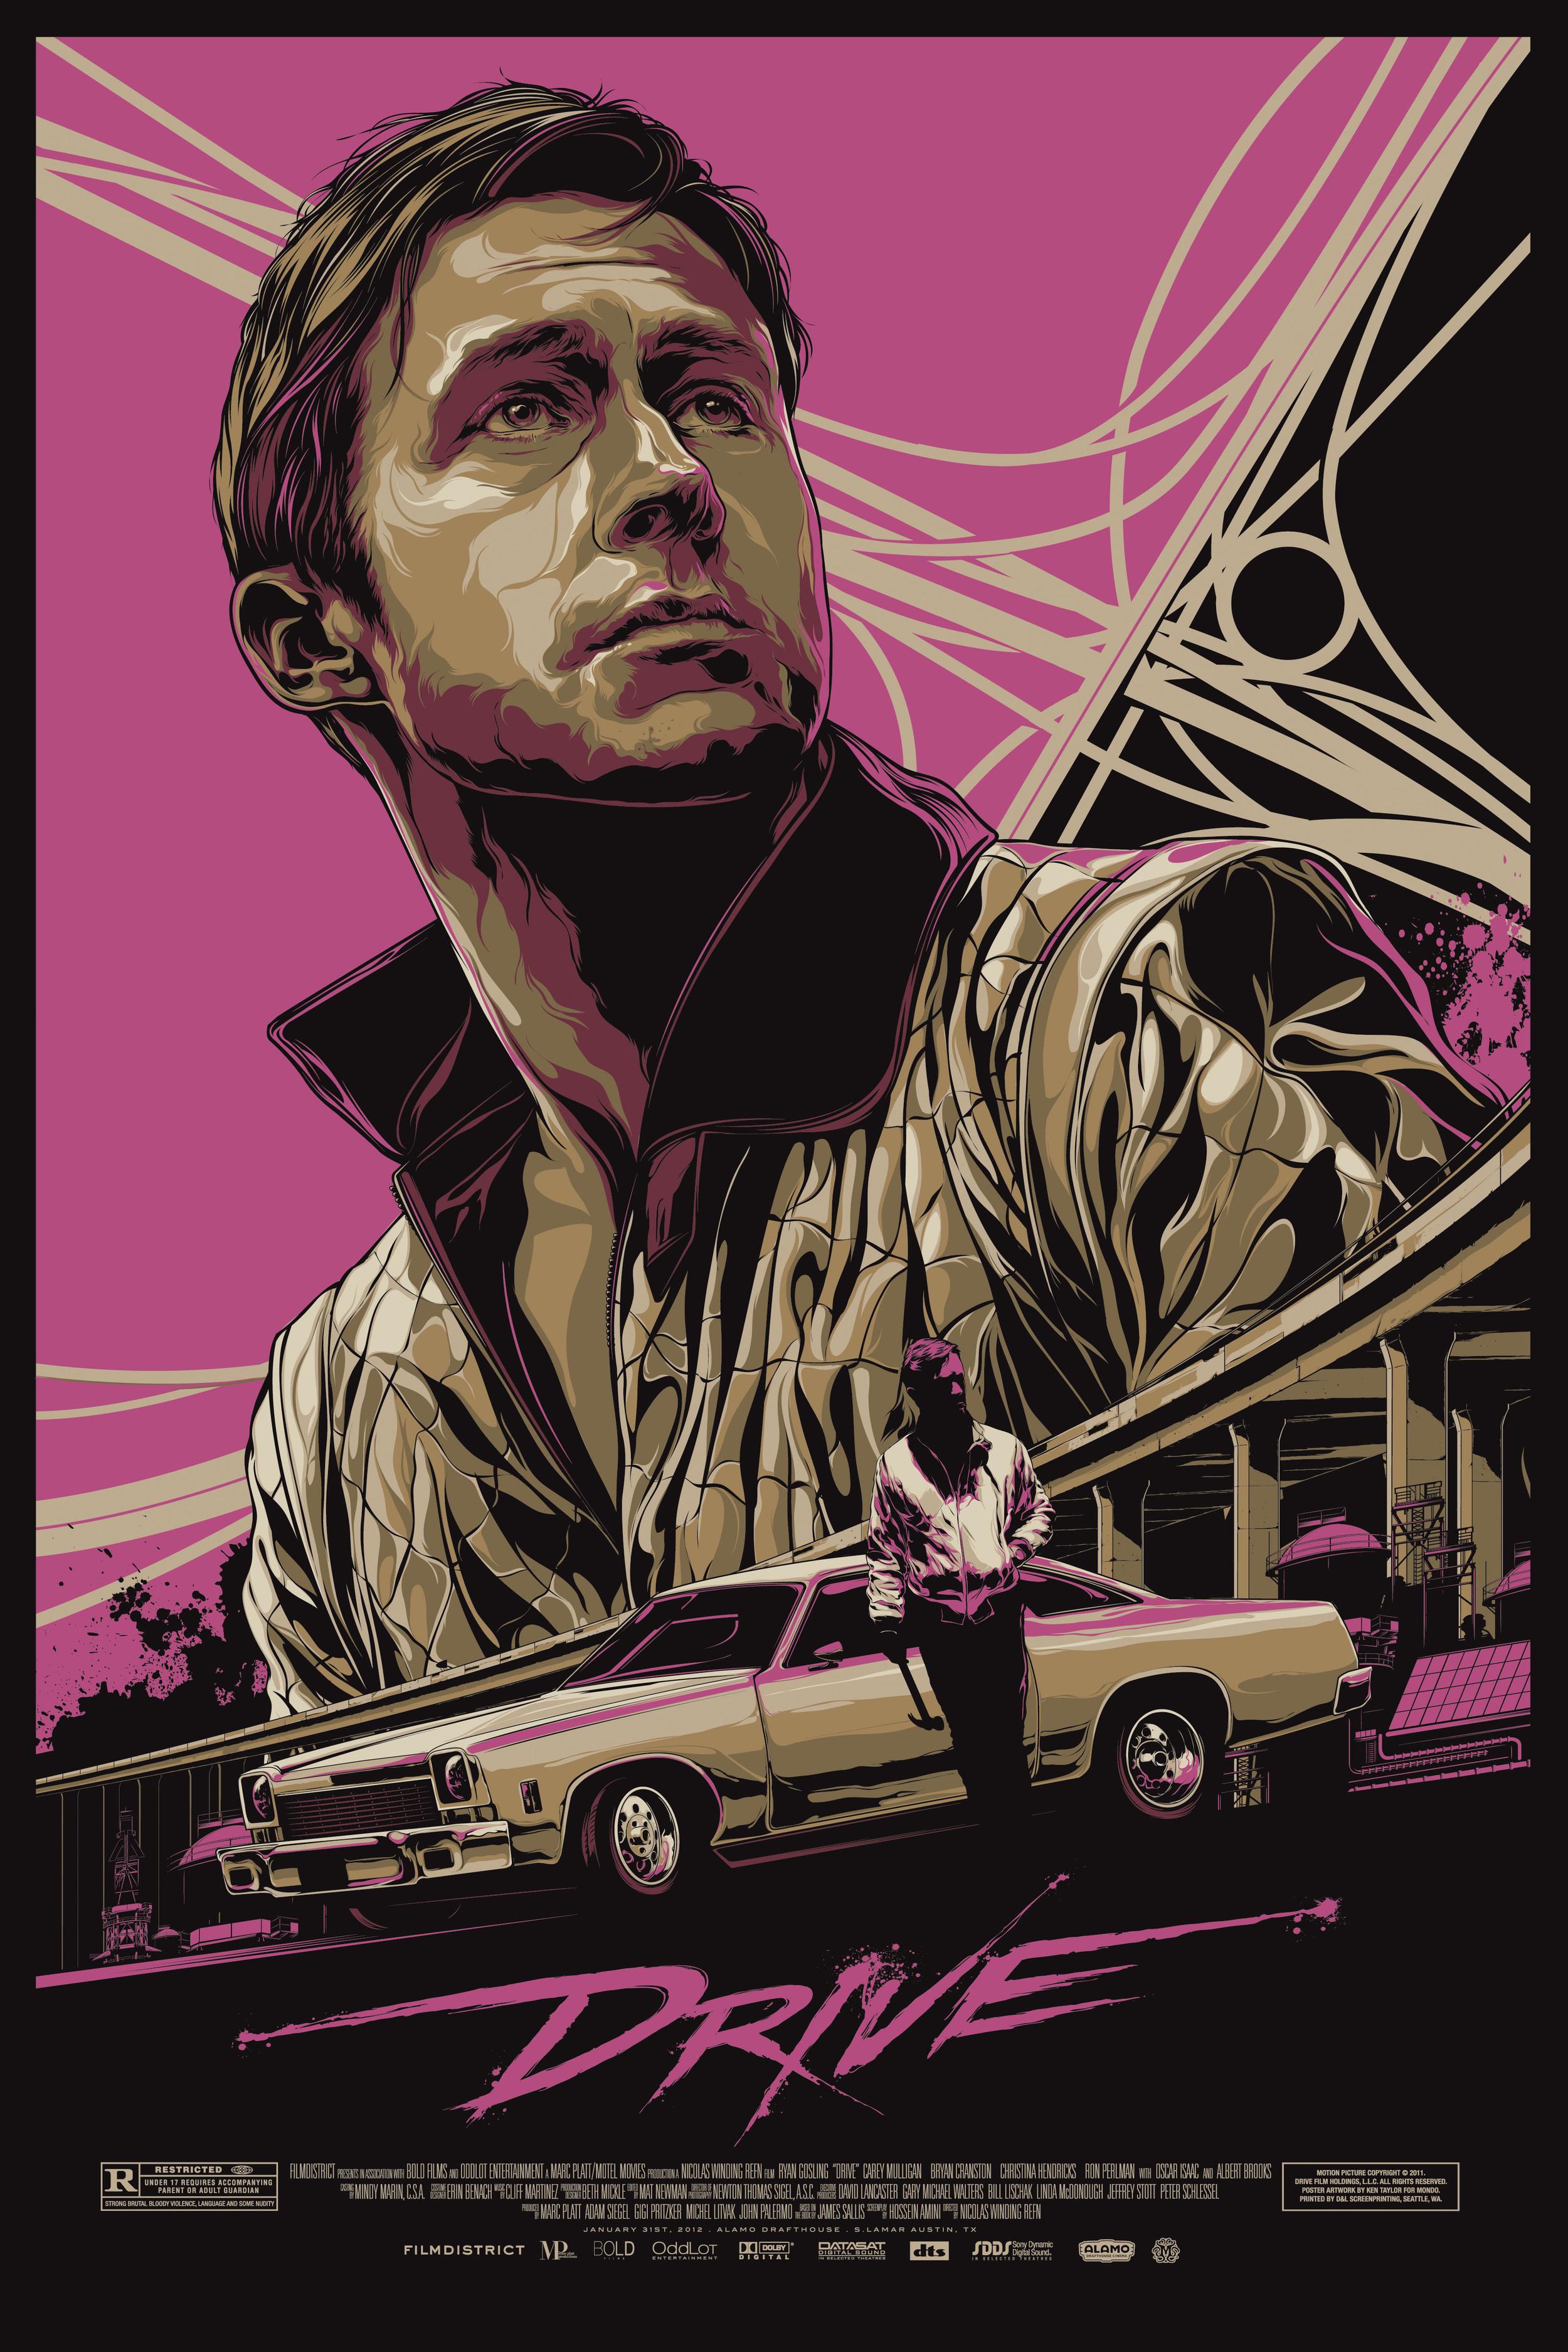 Drive Mondo Poster - Retro Gallery Archive (Full Size)